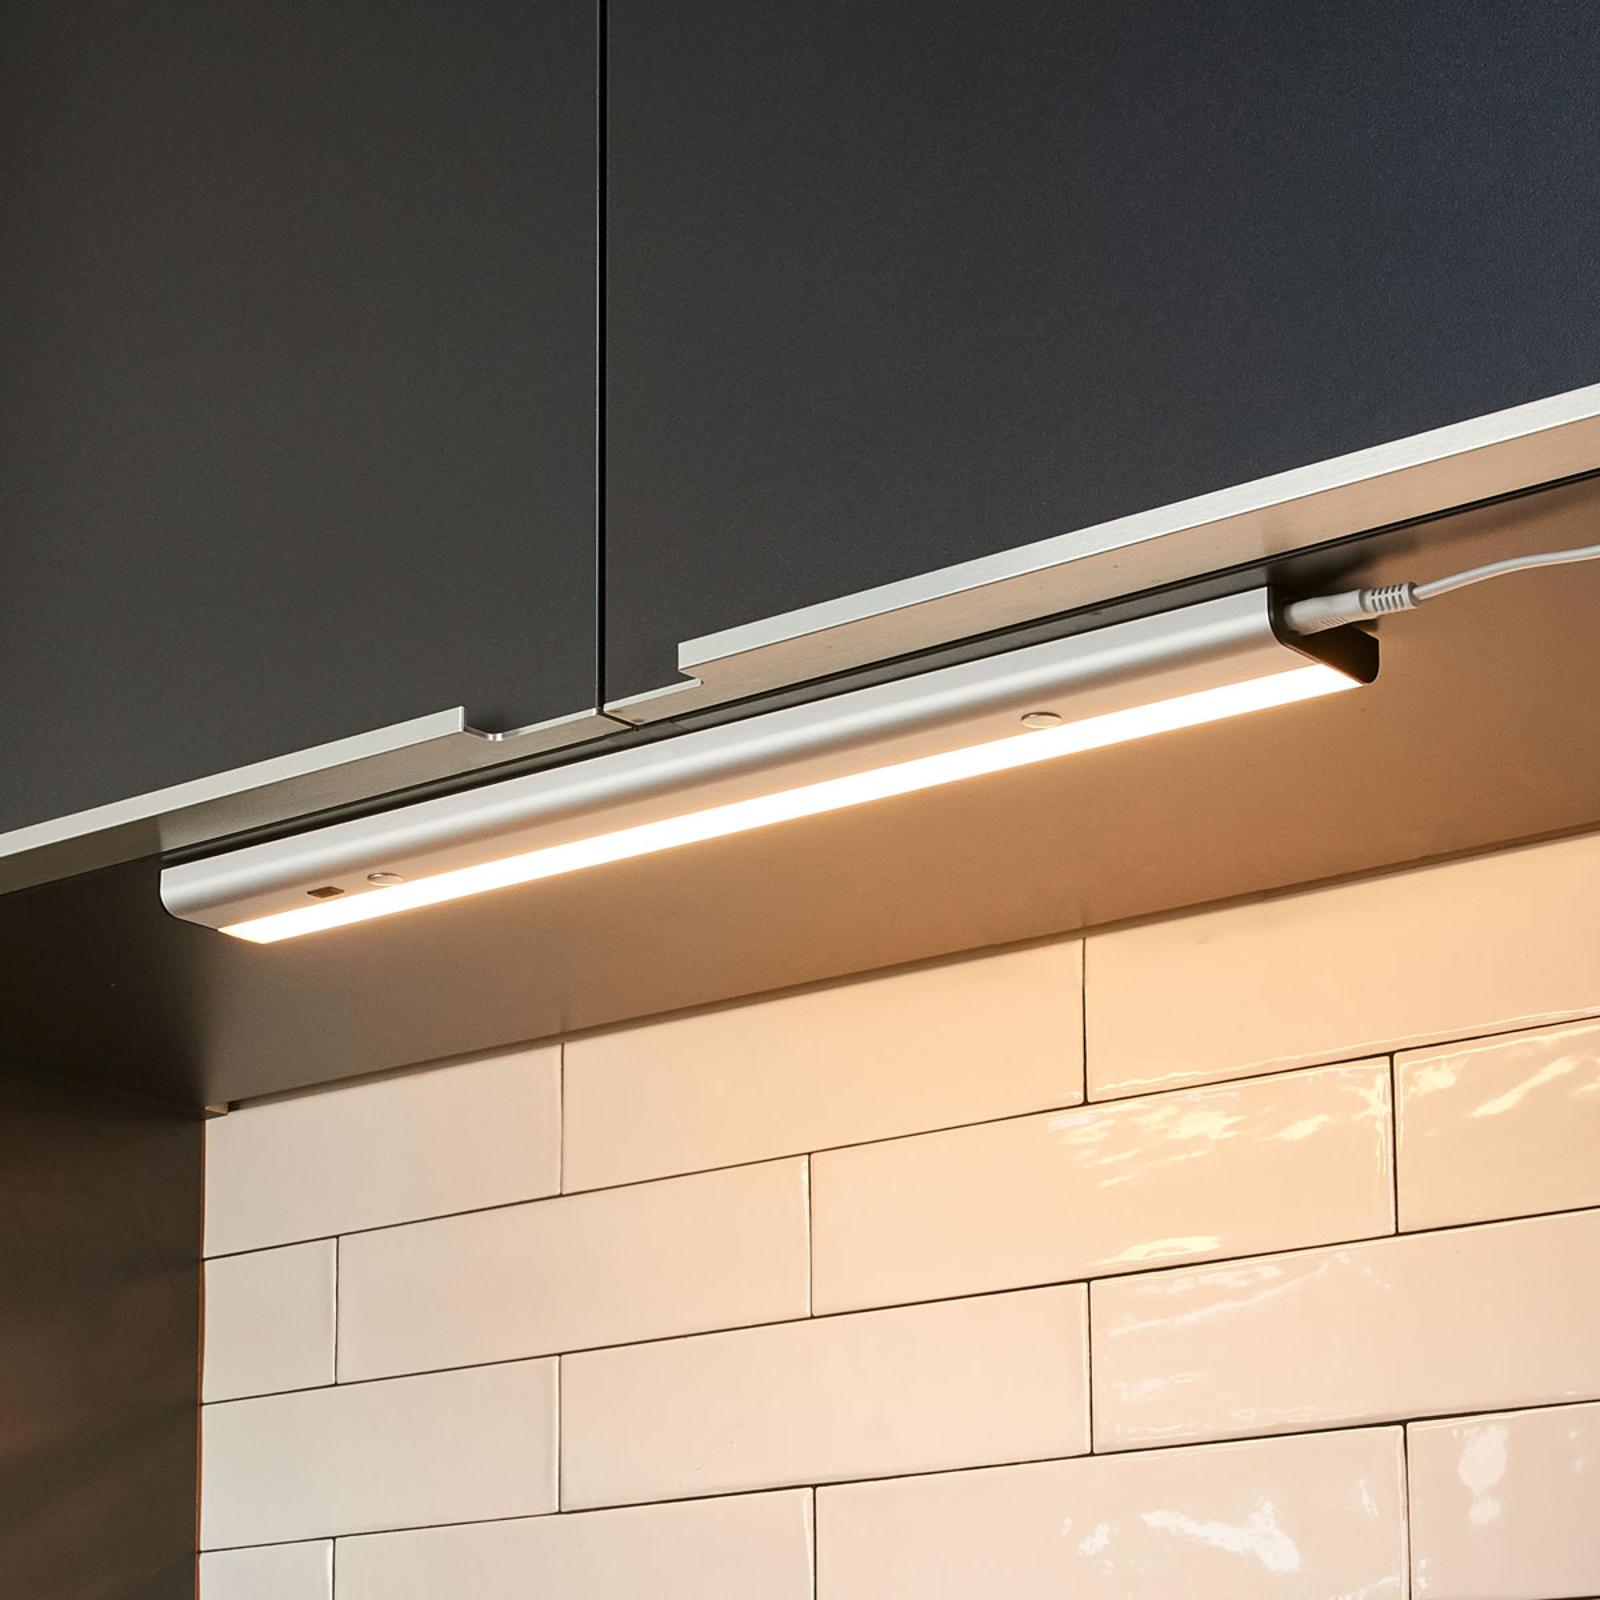 LED-underbyggnadslampa Devin med sensor